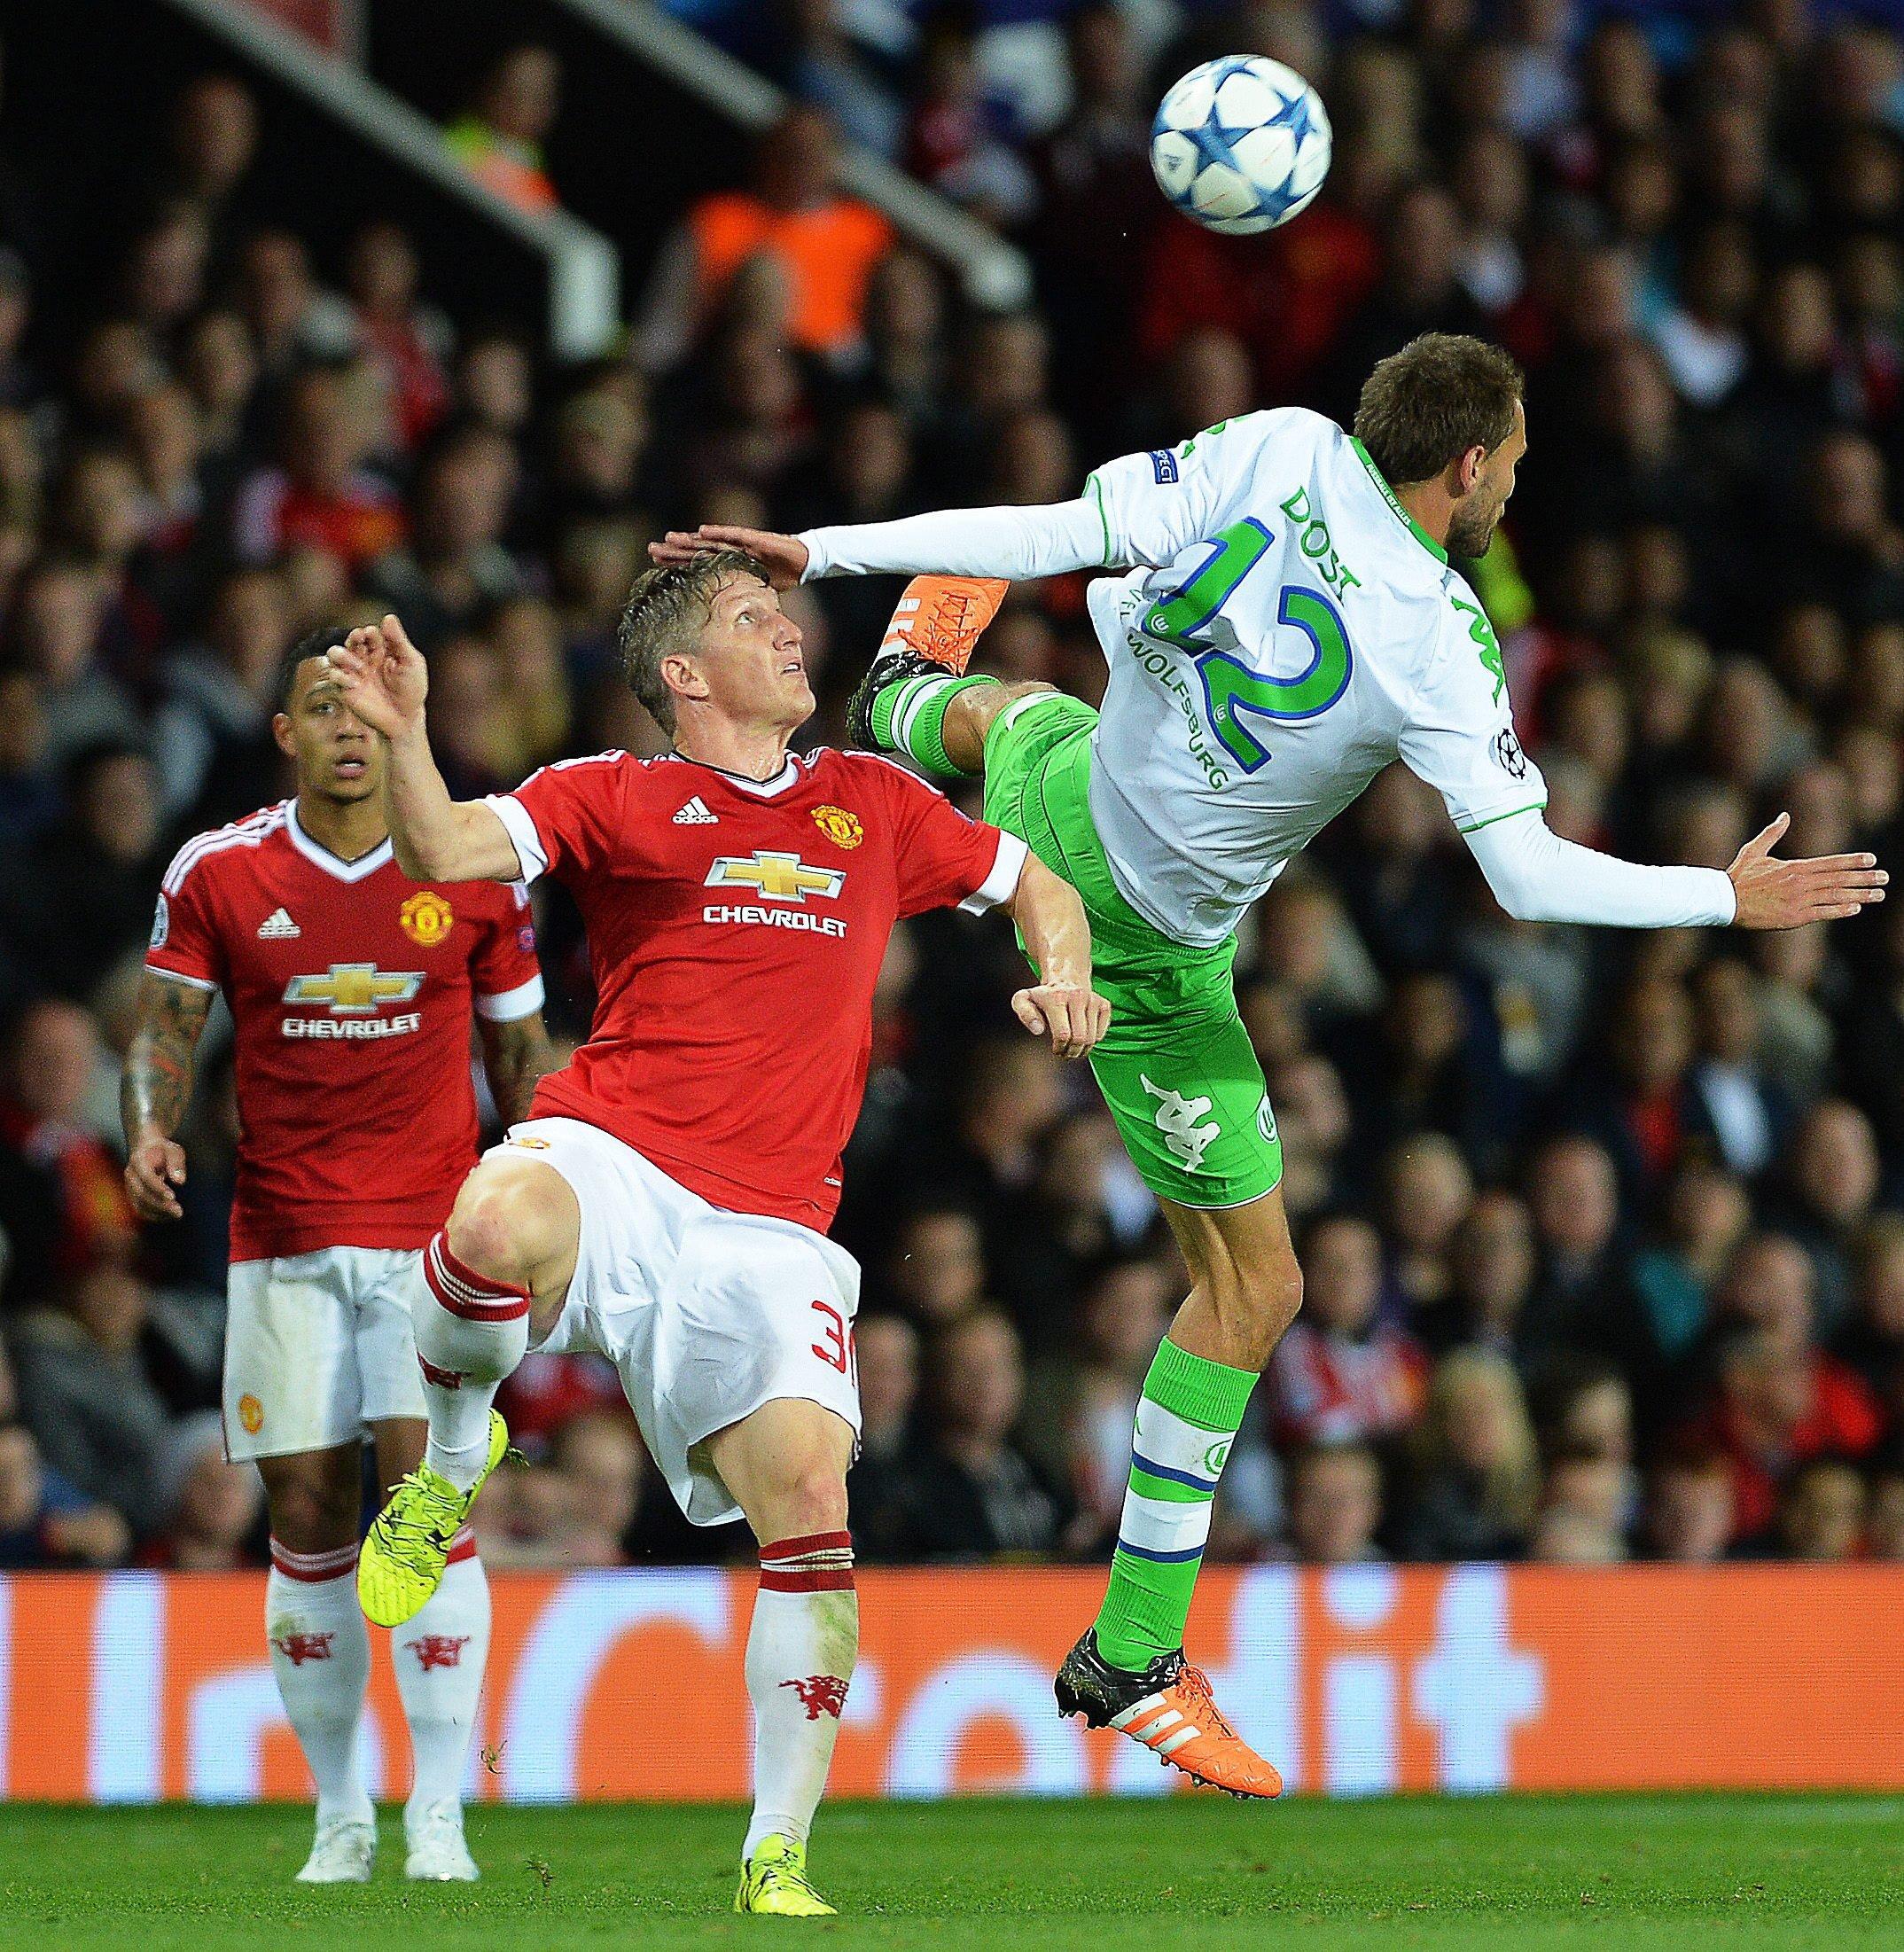 Bastian Schweinsteiger im Adidas-Trikot von Manchester United in der Champions-League-Partie gegen den VfL Wolfsburg: Adidas zahlt Manchester pro Jahr 100 Mio. € für den Ausrüstervertrag, der Nationalmannschaft dagegen nur 25 Mio. €.